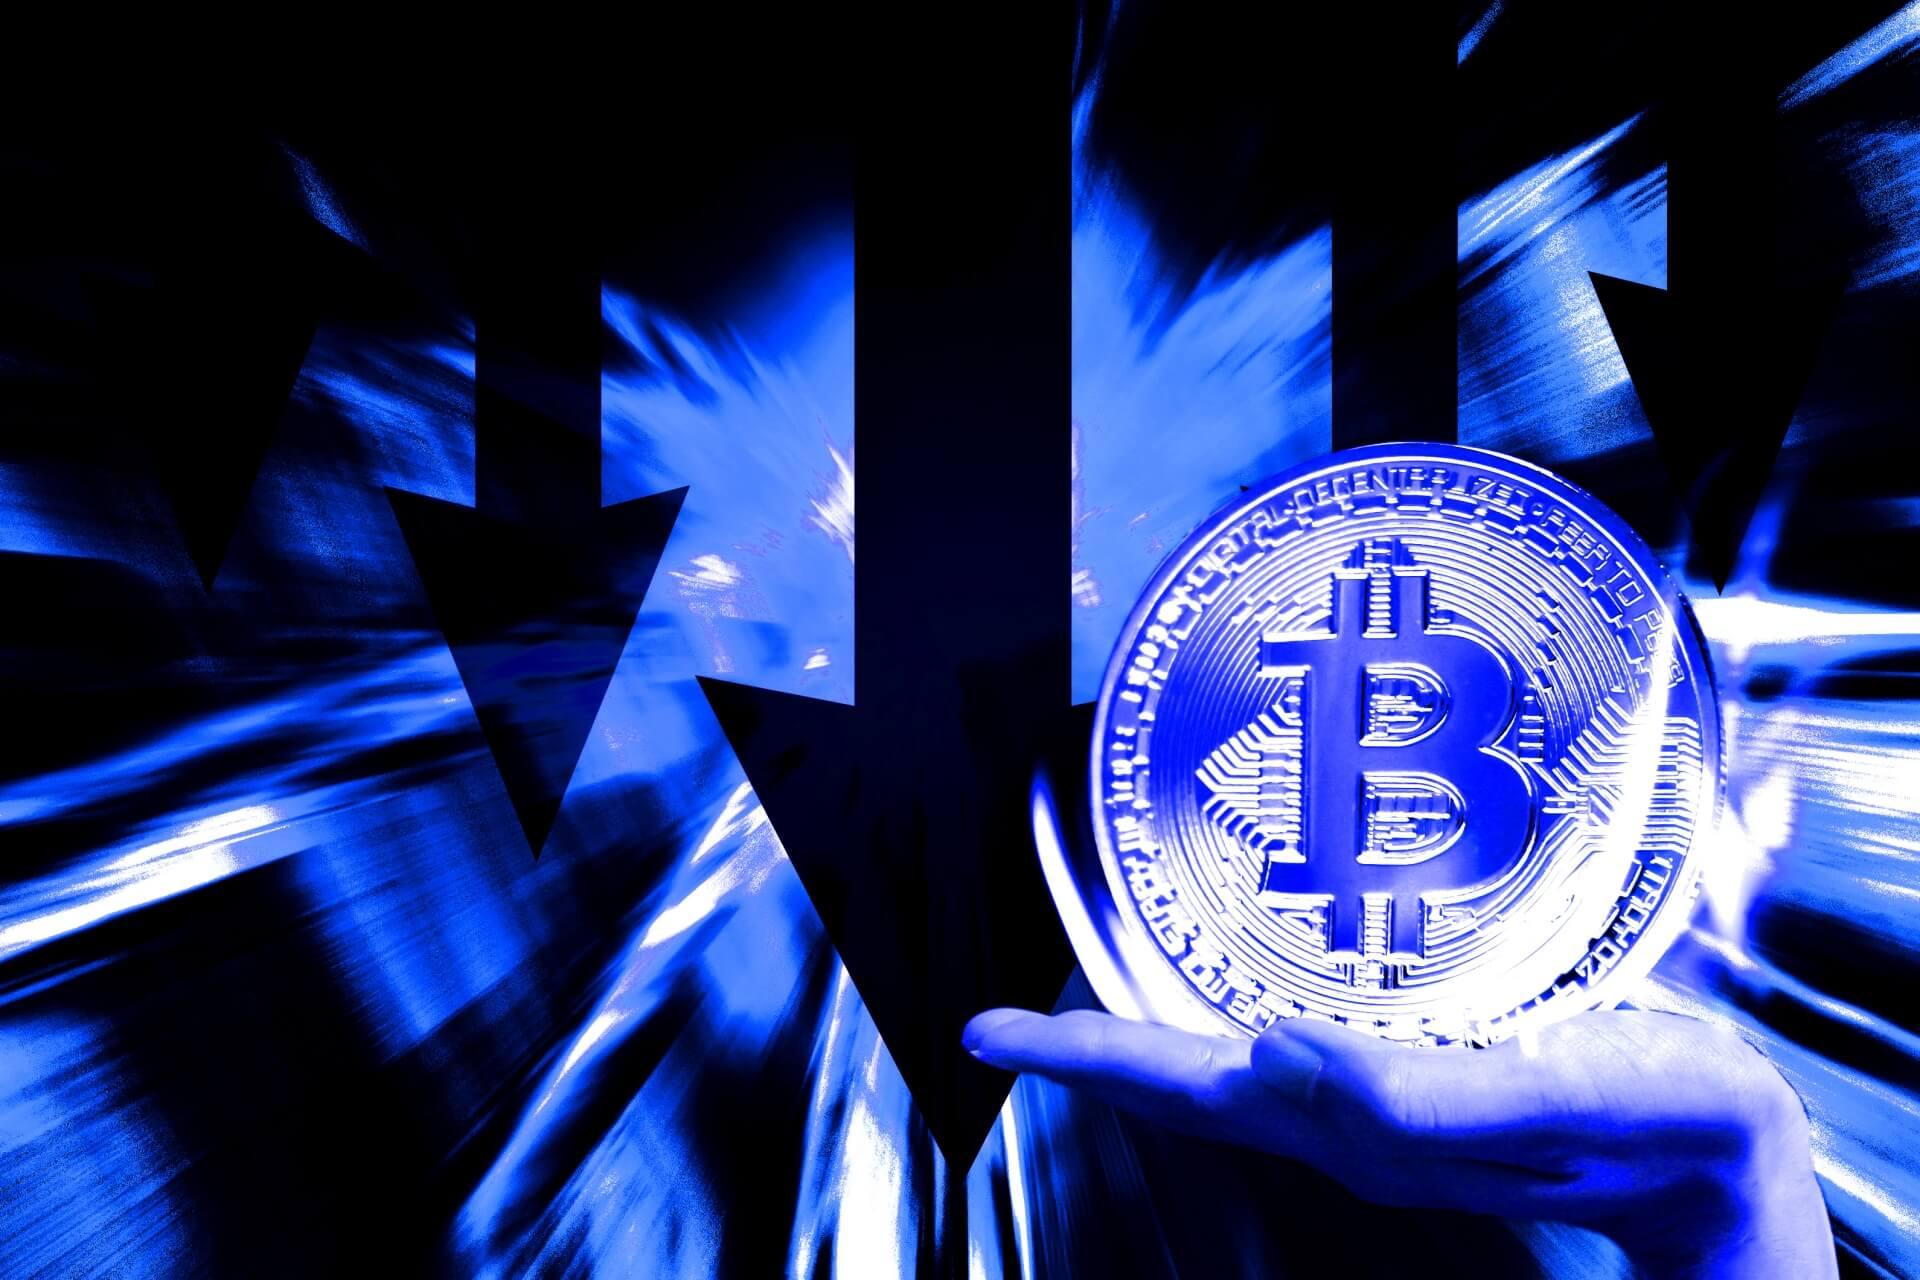 仮想通貨バブル崩壊後に生き残るコインは?ホワイトリスト20種を解説